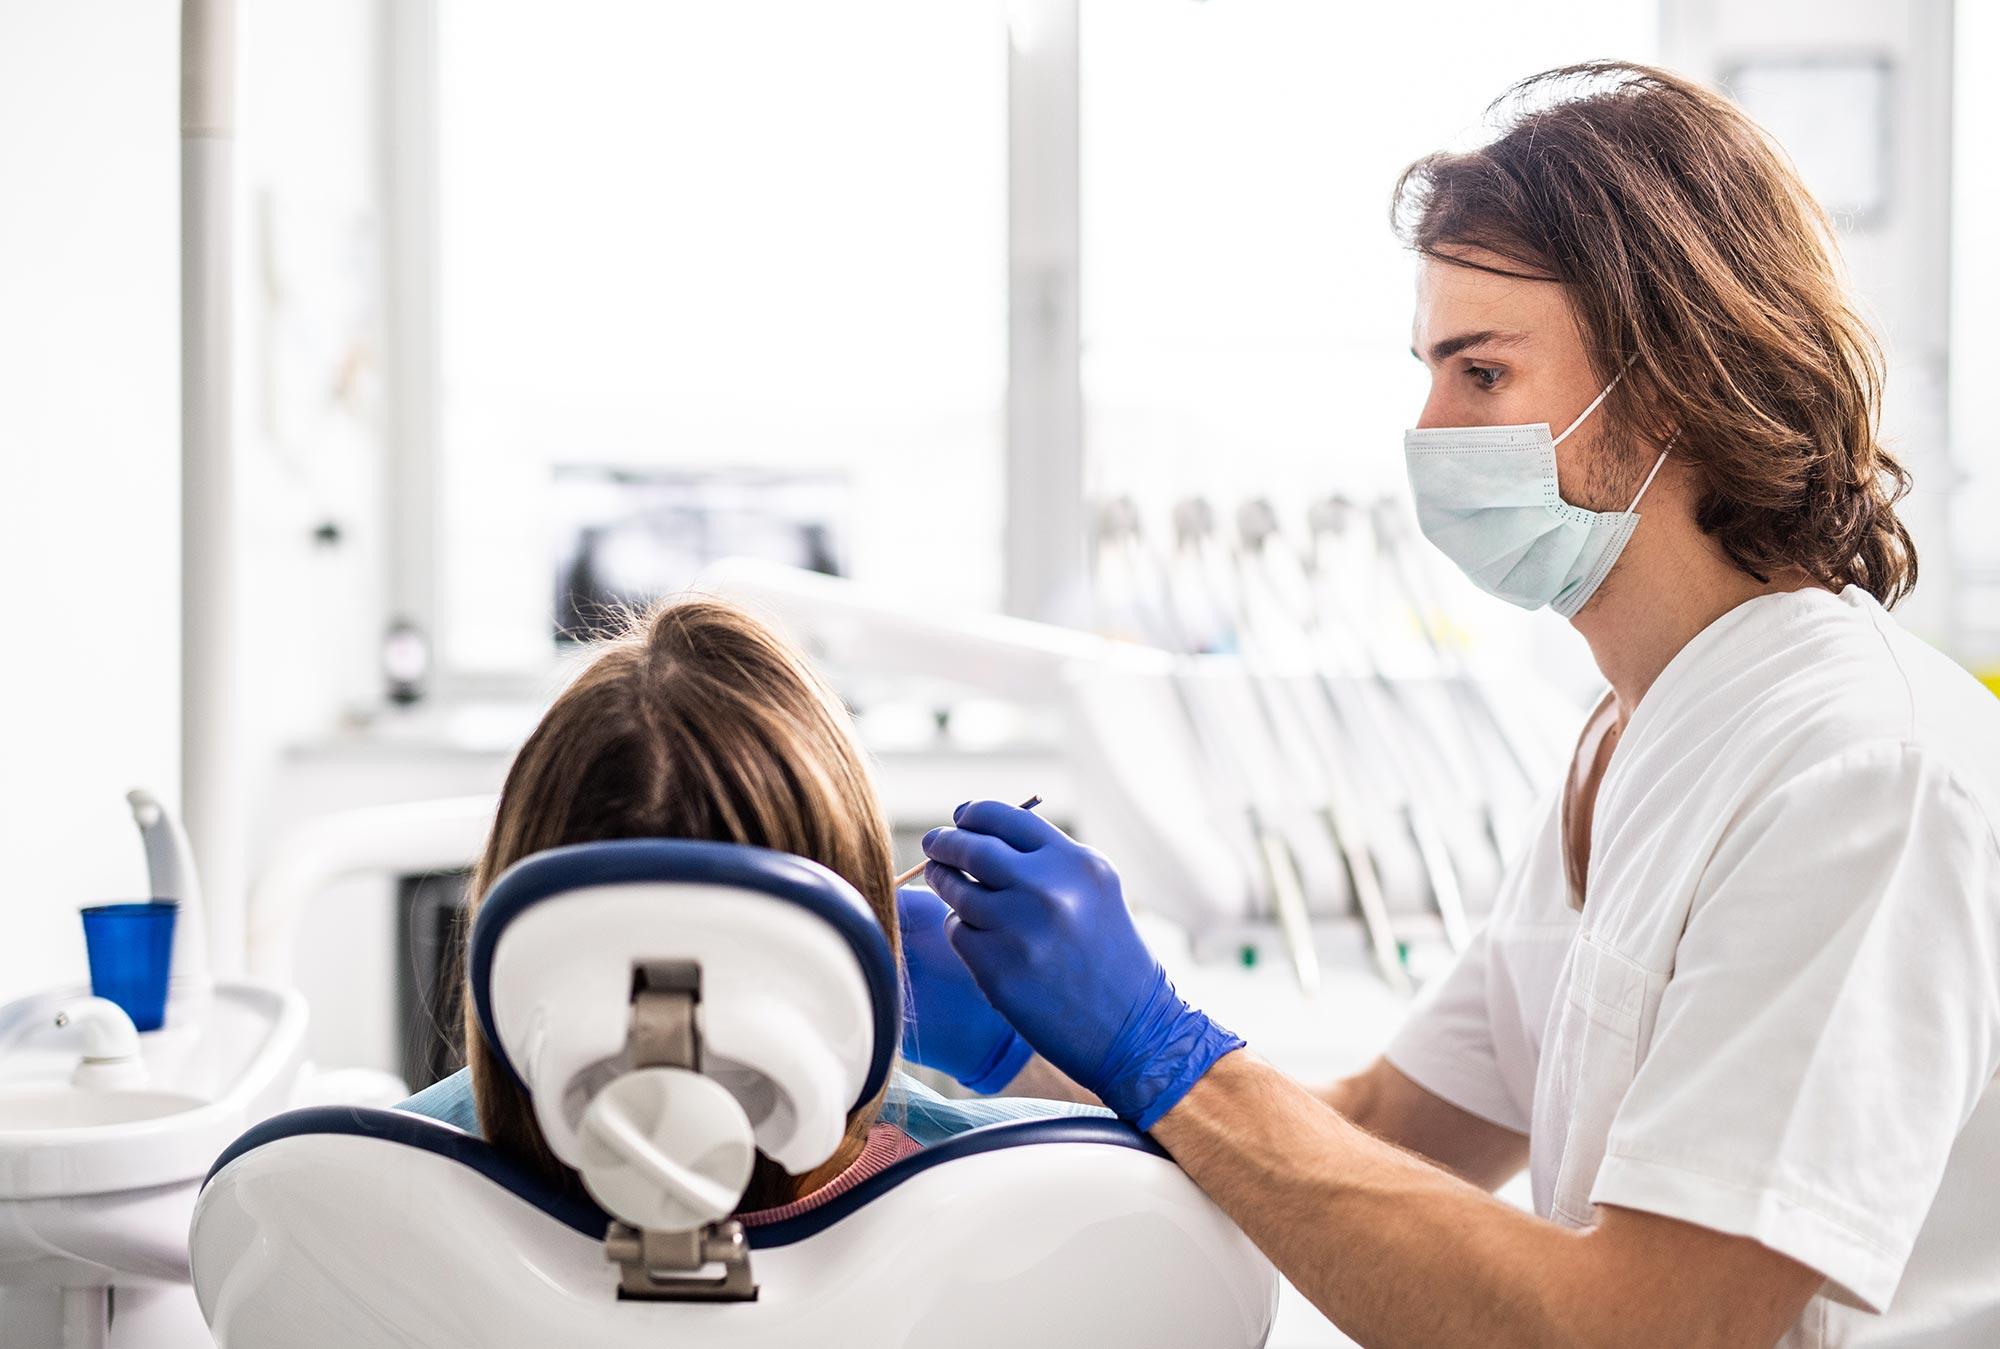 植牙失敗好可怕,植牙失敗原因有哪些?